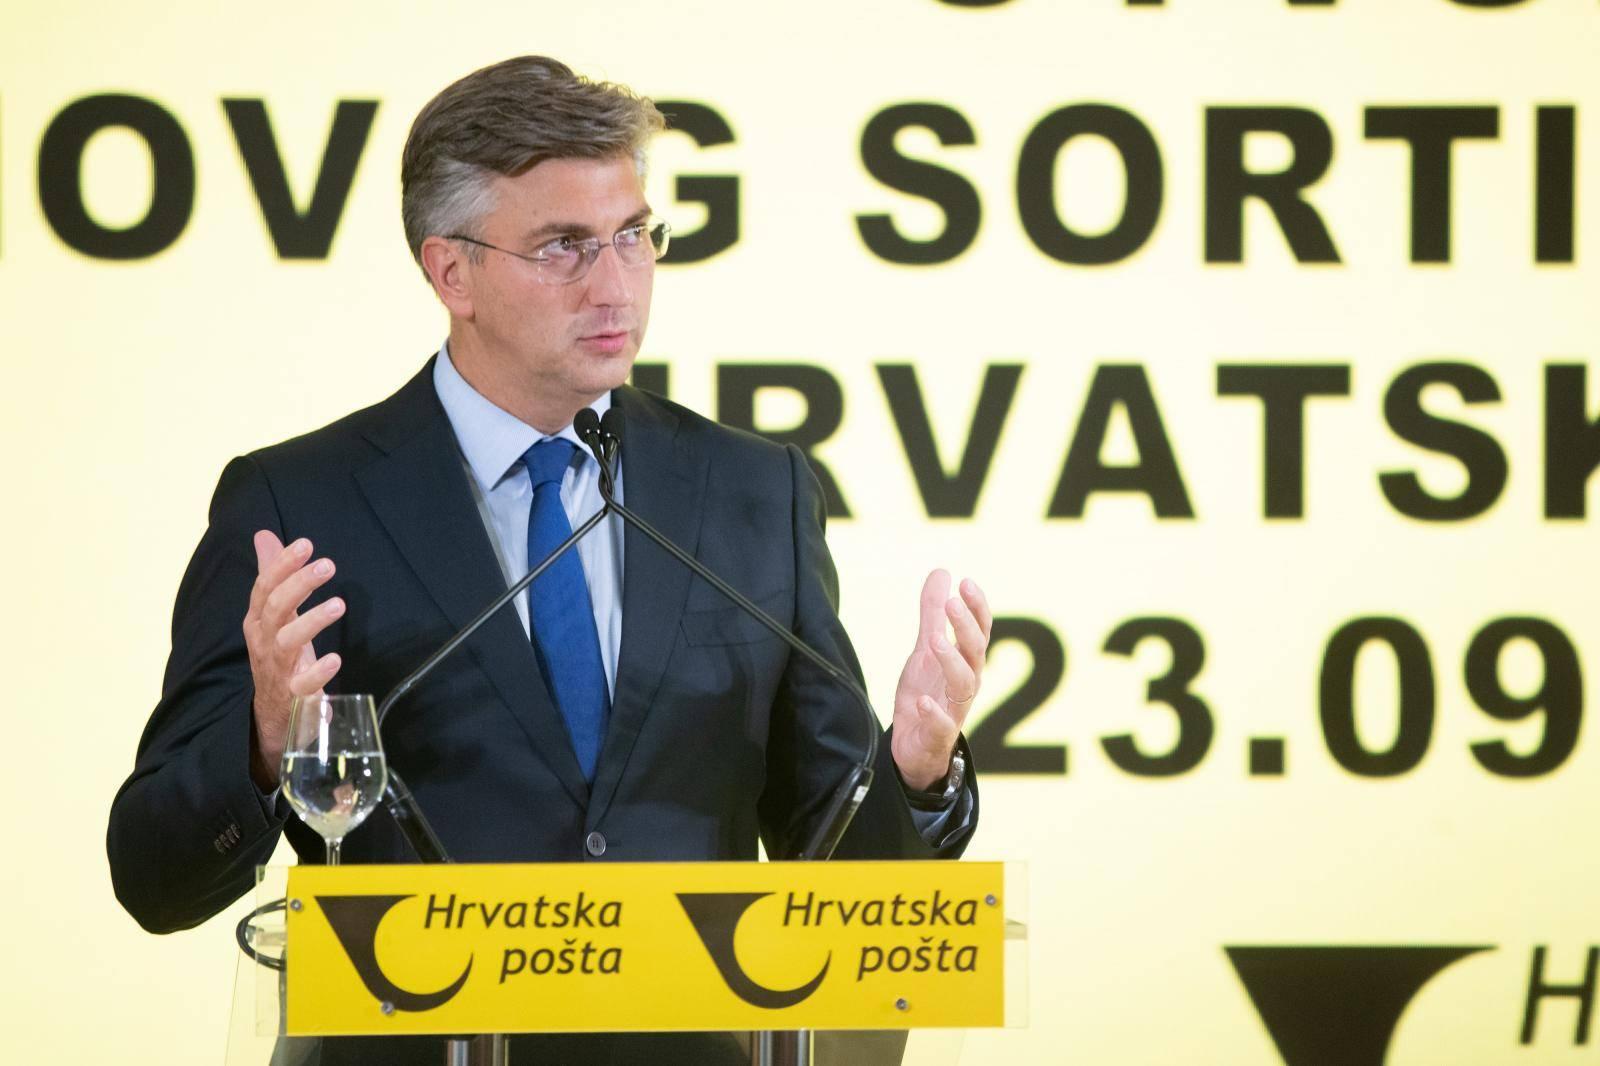 'Očekujem preporuku EK za ulazak Hrvatske u Schengen'